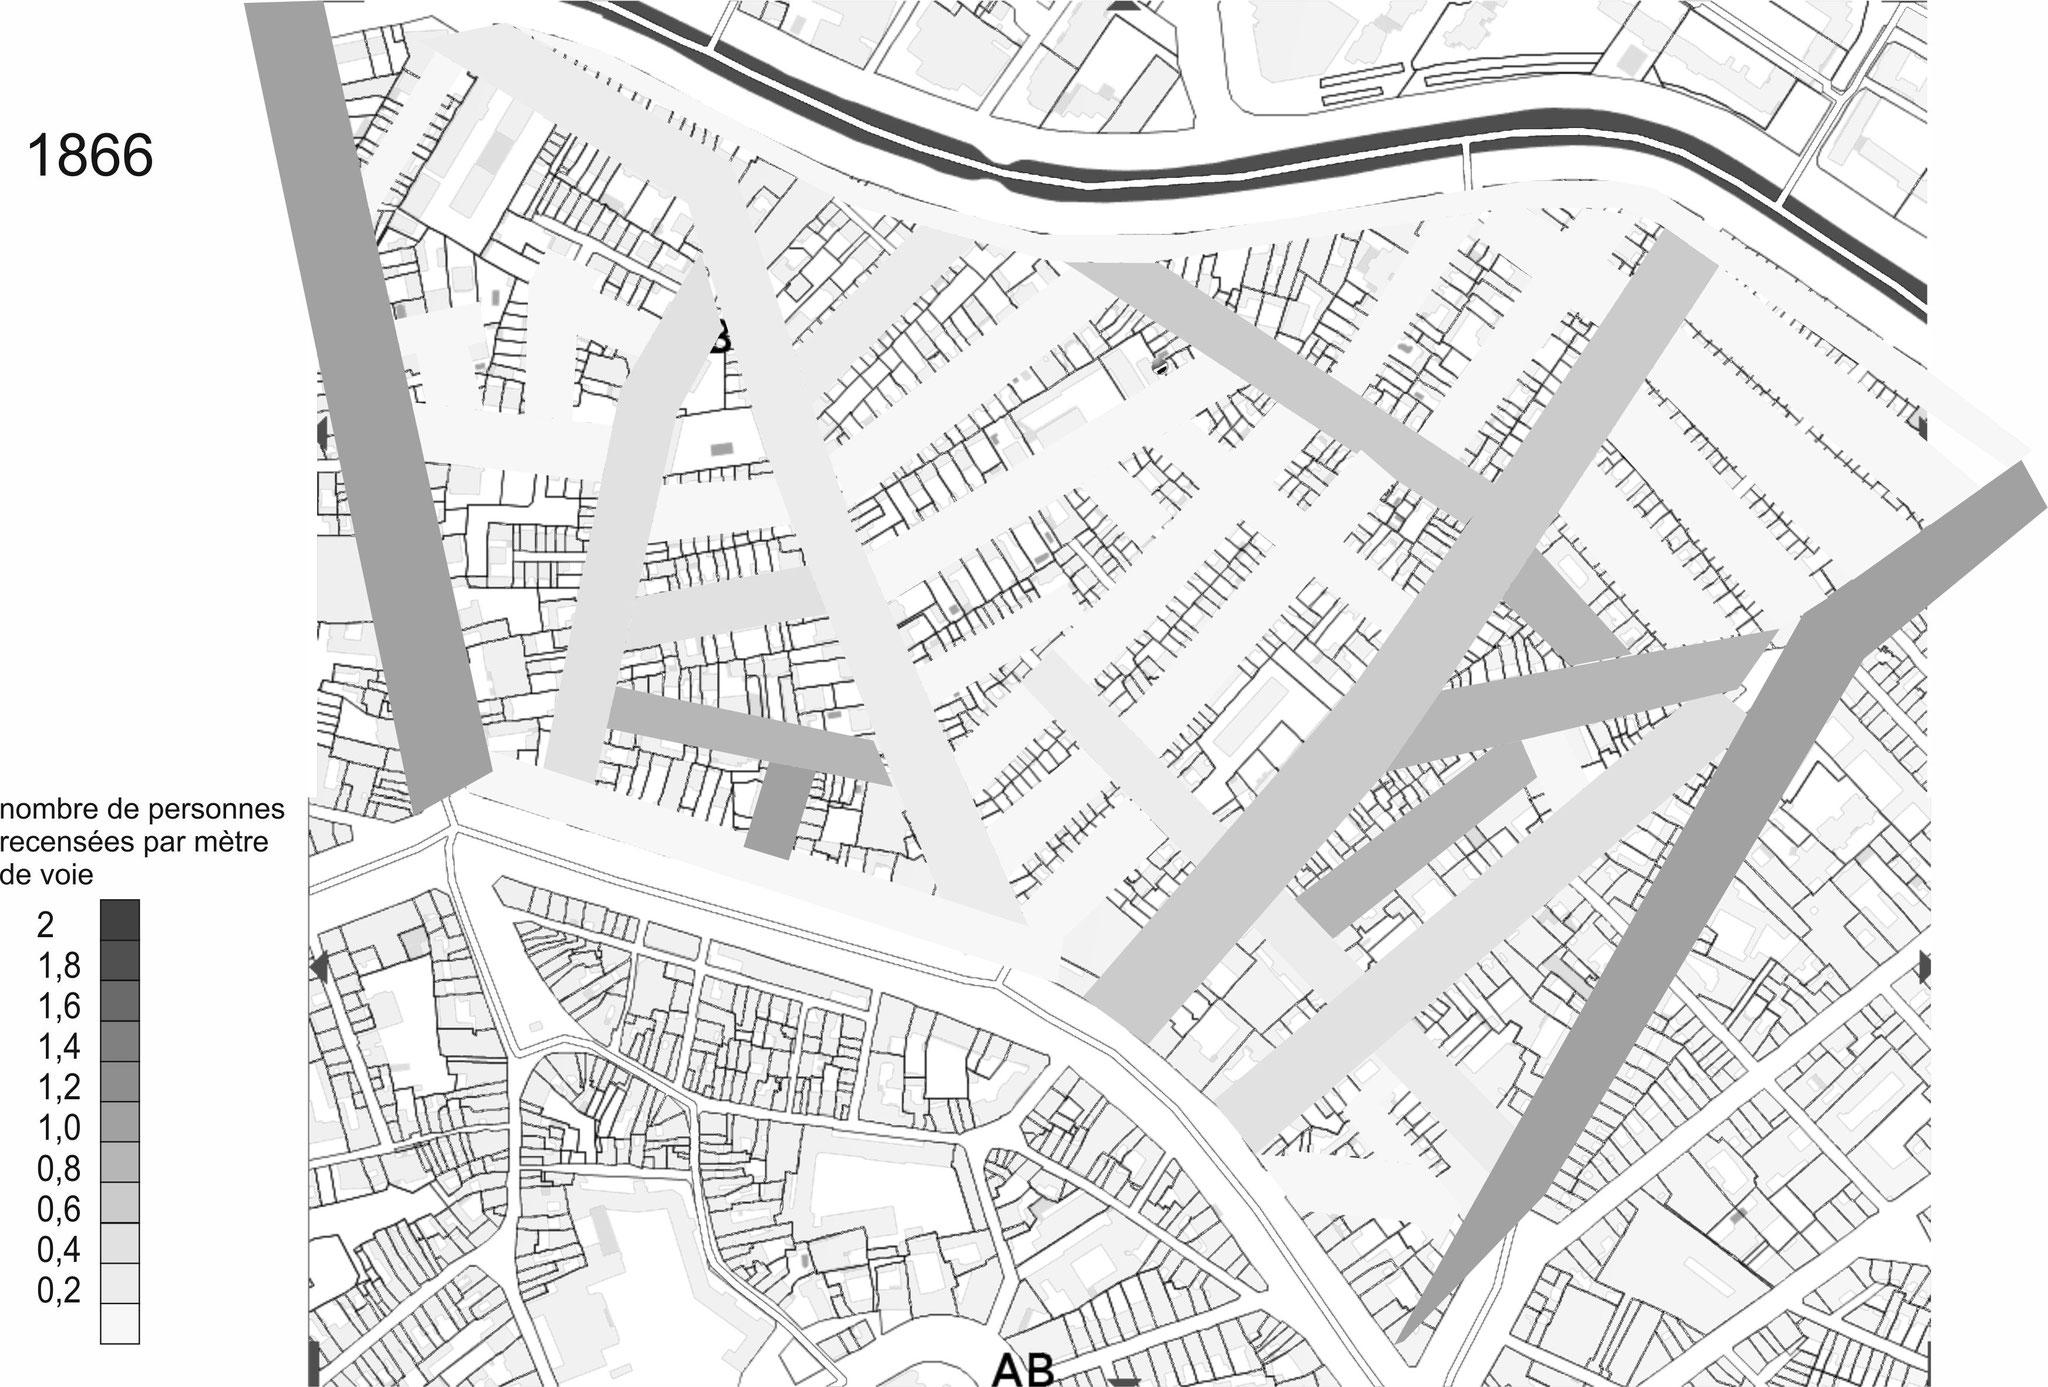 Bien que ne menant qu'au Canal, les anciens chemins ont également été construit mais à un rythme plus lent